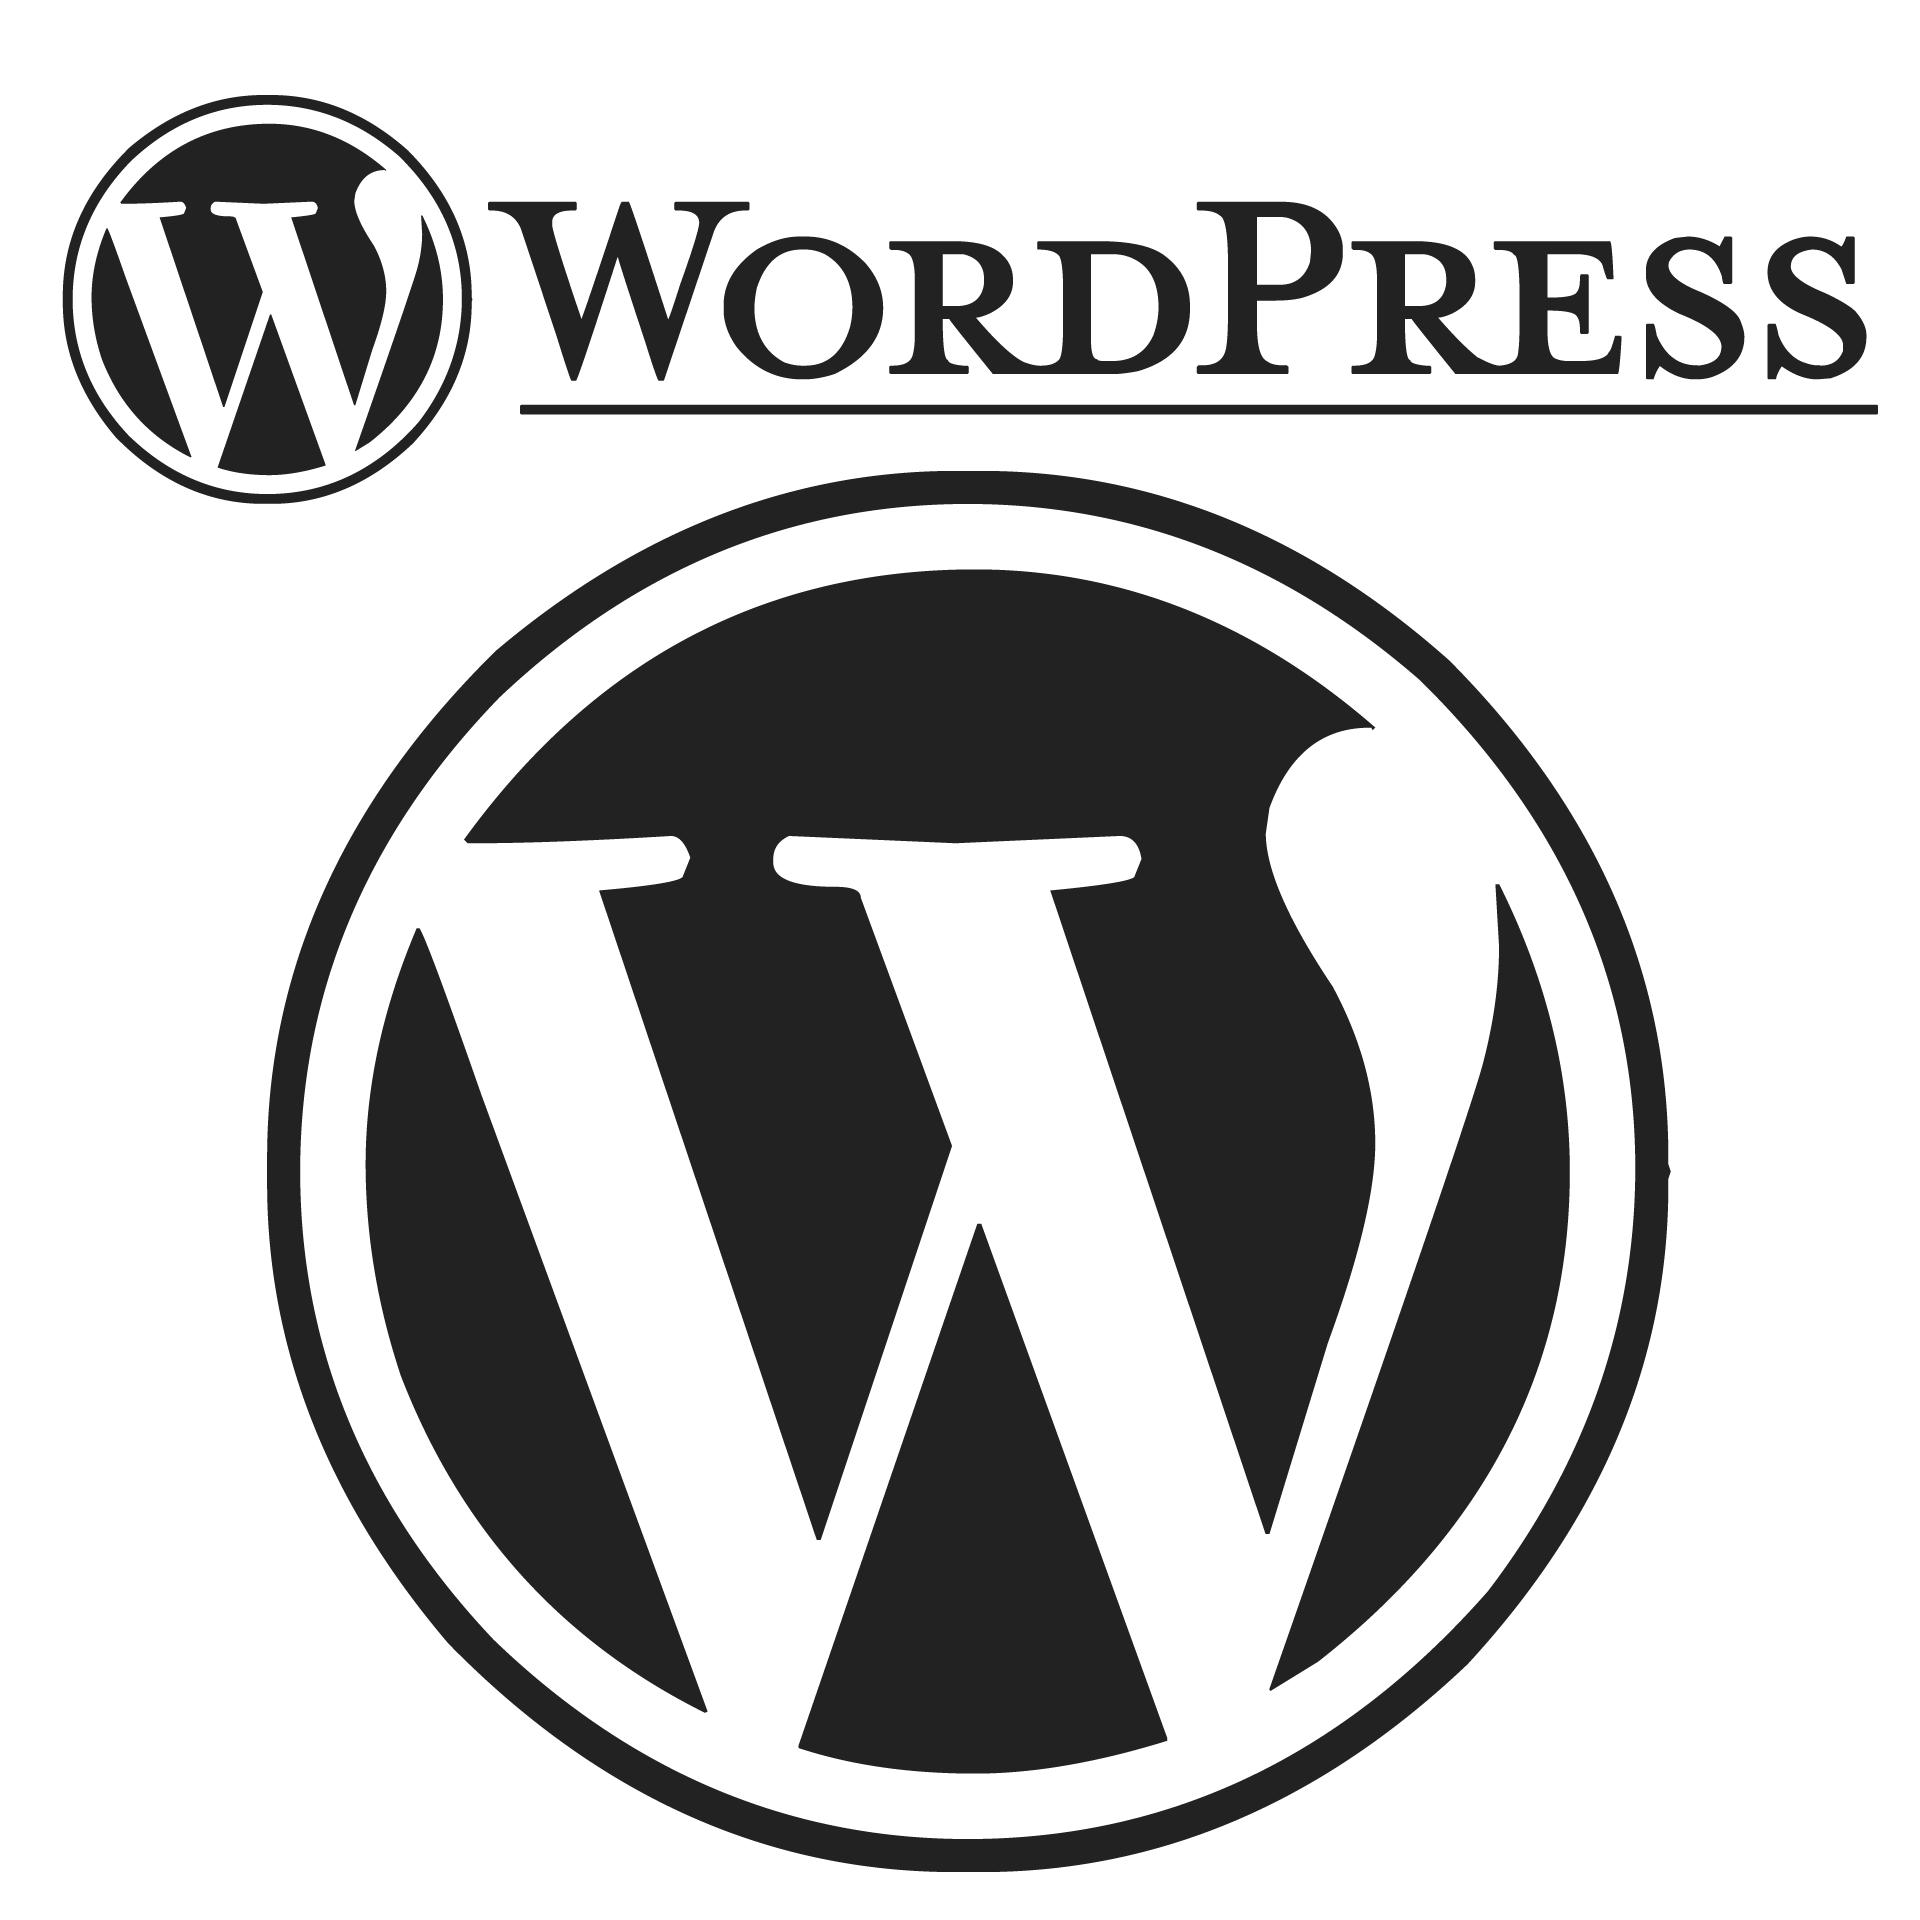 WordPressとは?CMSとの違いを比較!初心者にも分かりやすく基礎知識を解説